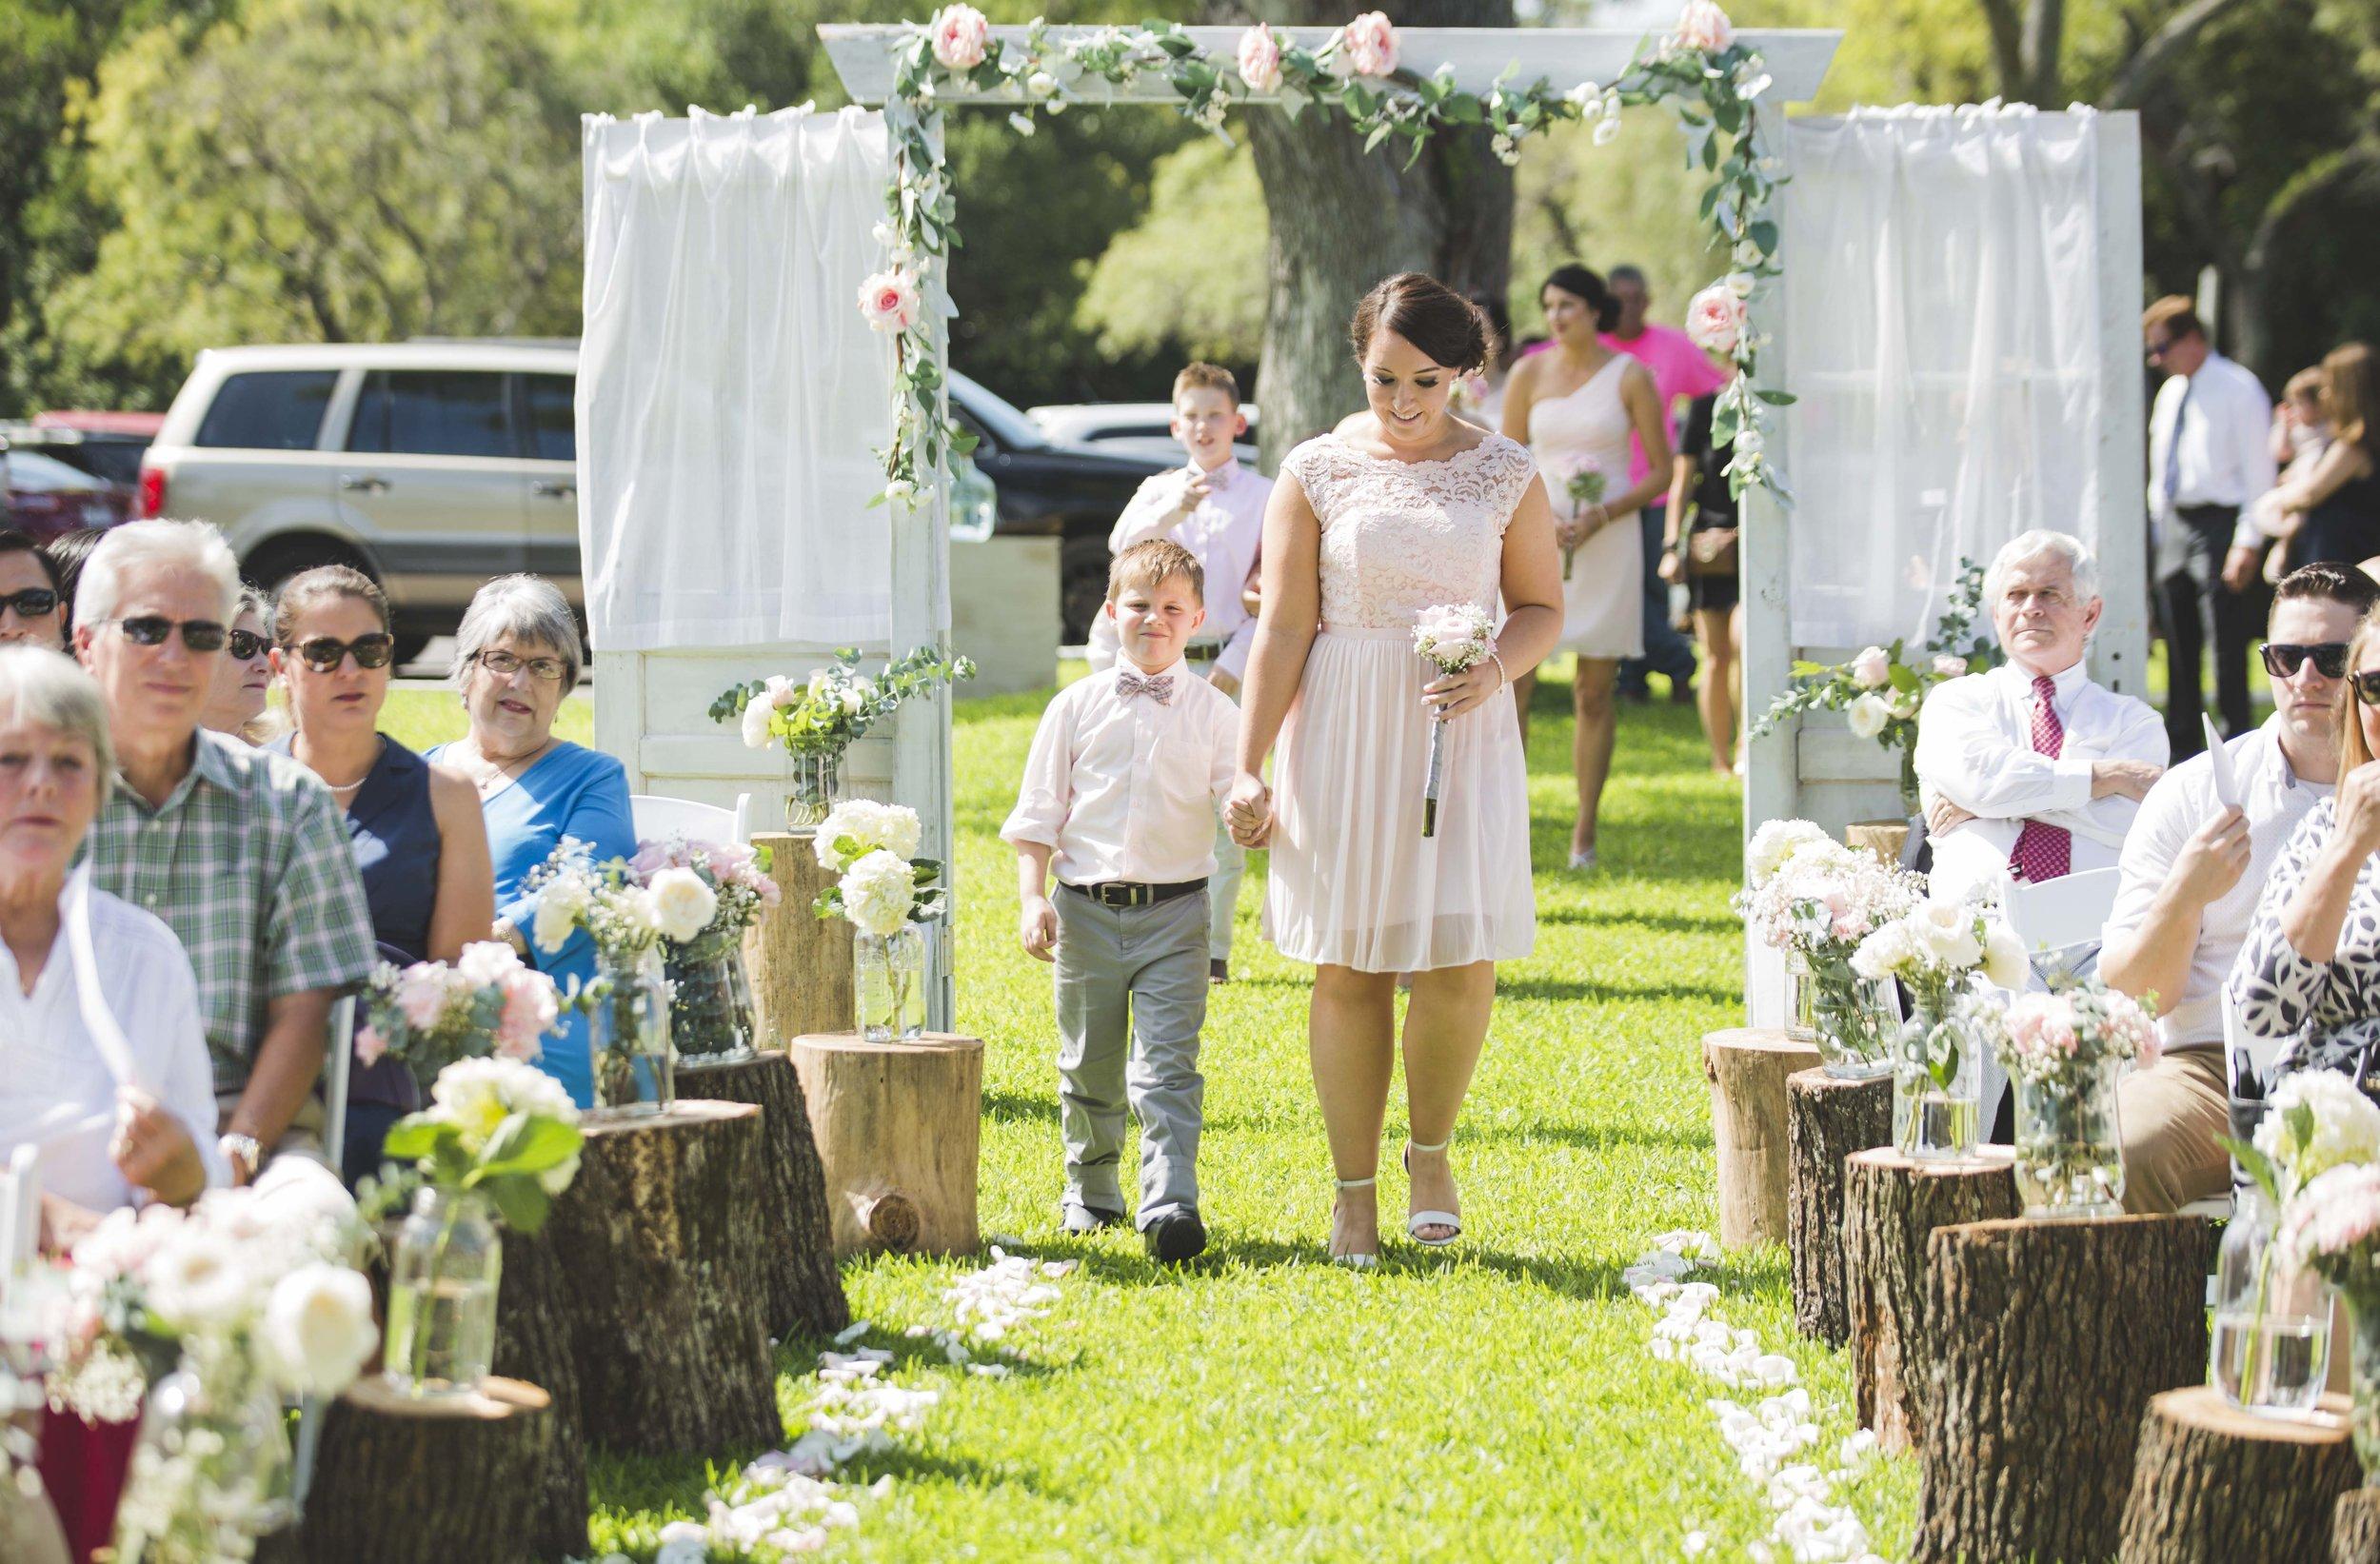 ATGI_Susanna & Matt Wedding_717A7511.jpg